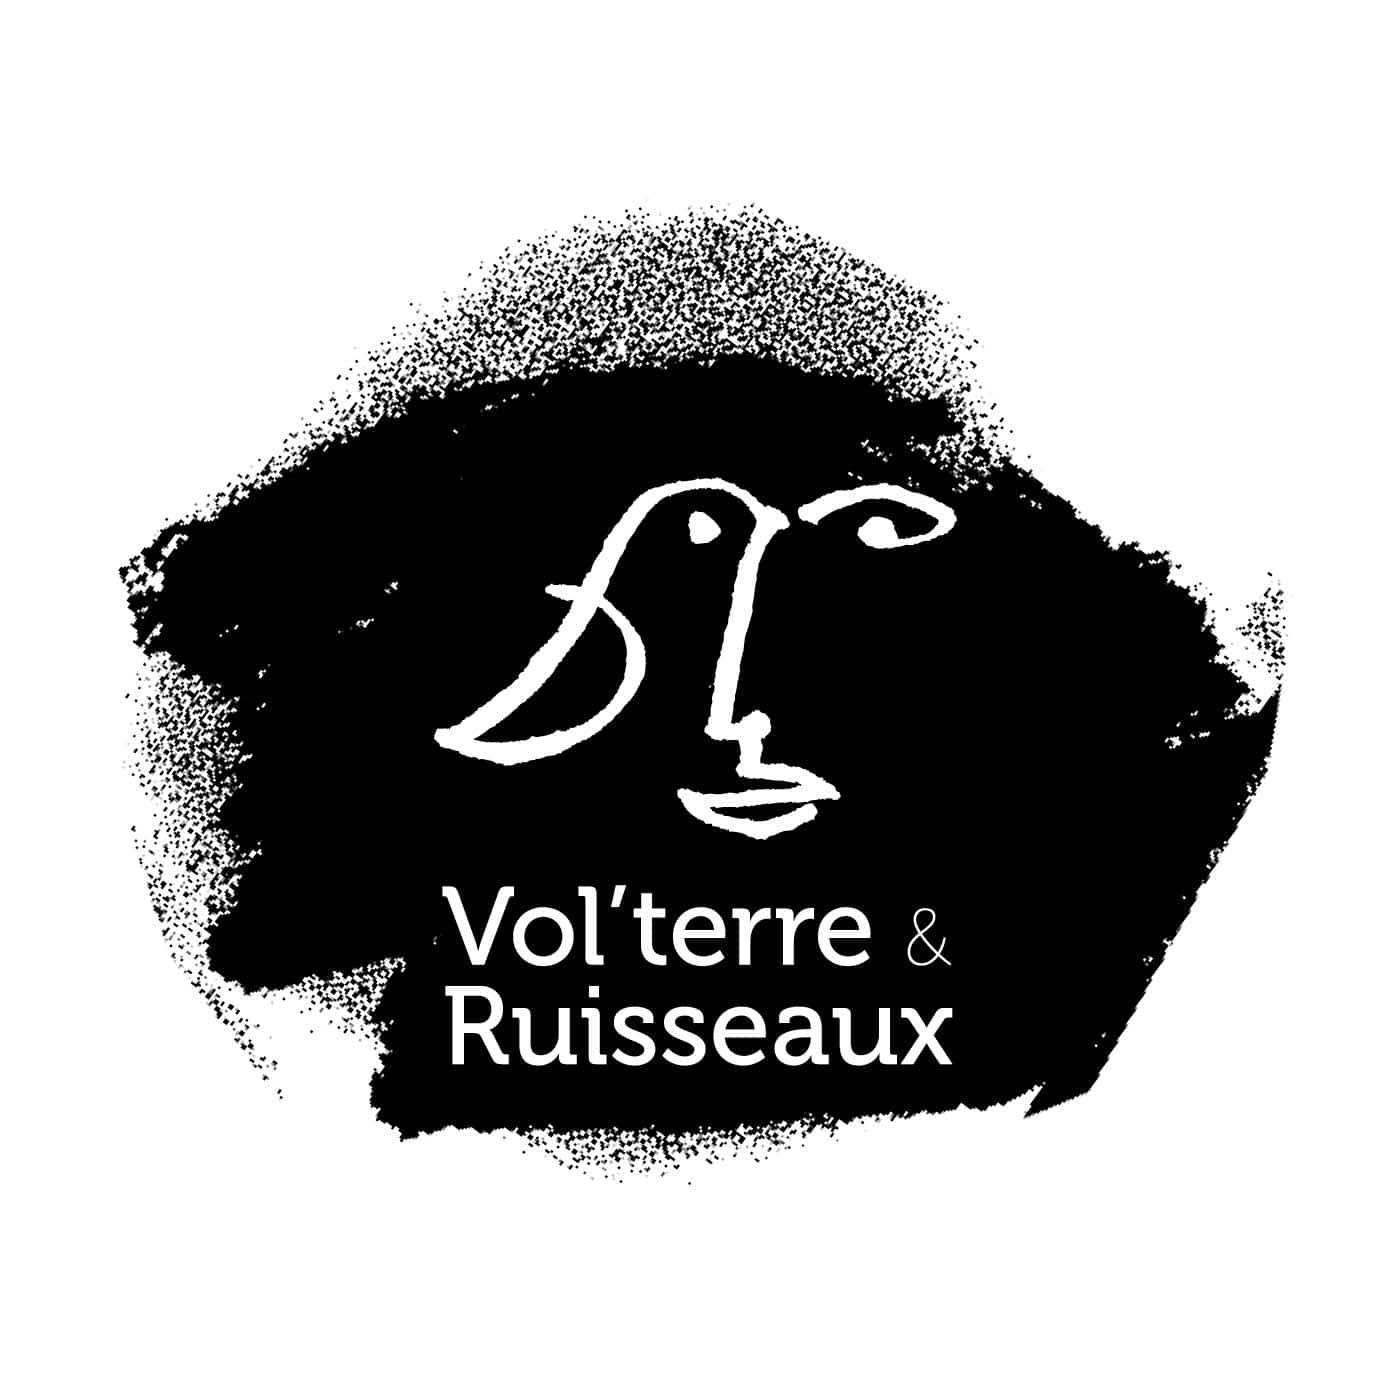 Emmanuelle-Sans_Vol-terre-et-ruisseaux_conception_packaging__photo2